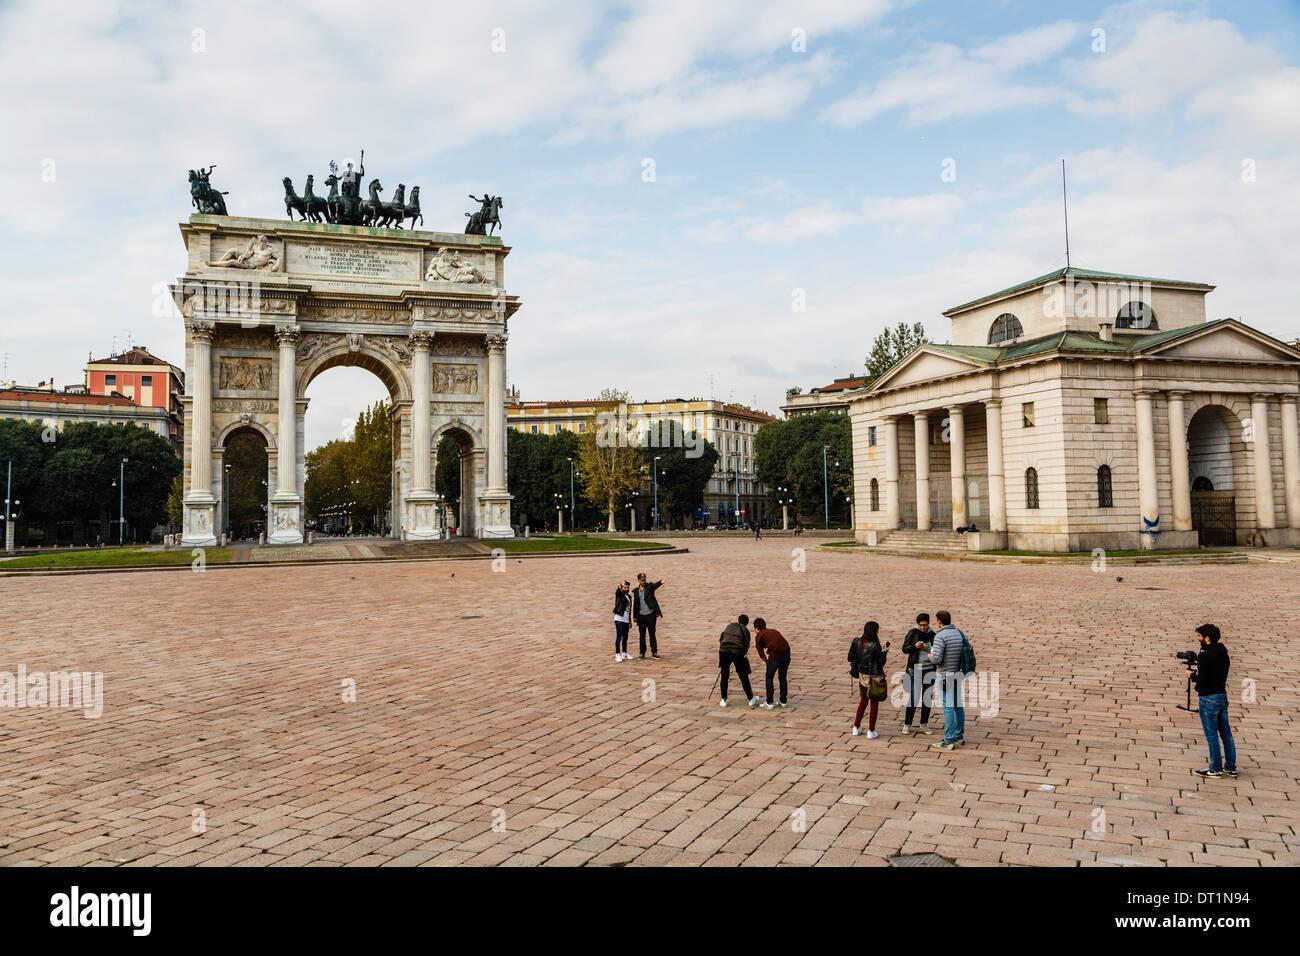 Arco della Pace (Arco della Pace), Parco Sempione Milano, Lombardia, Italia, Europa Immagini Stock